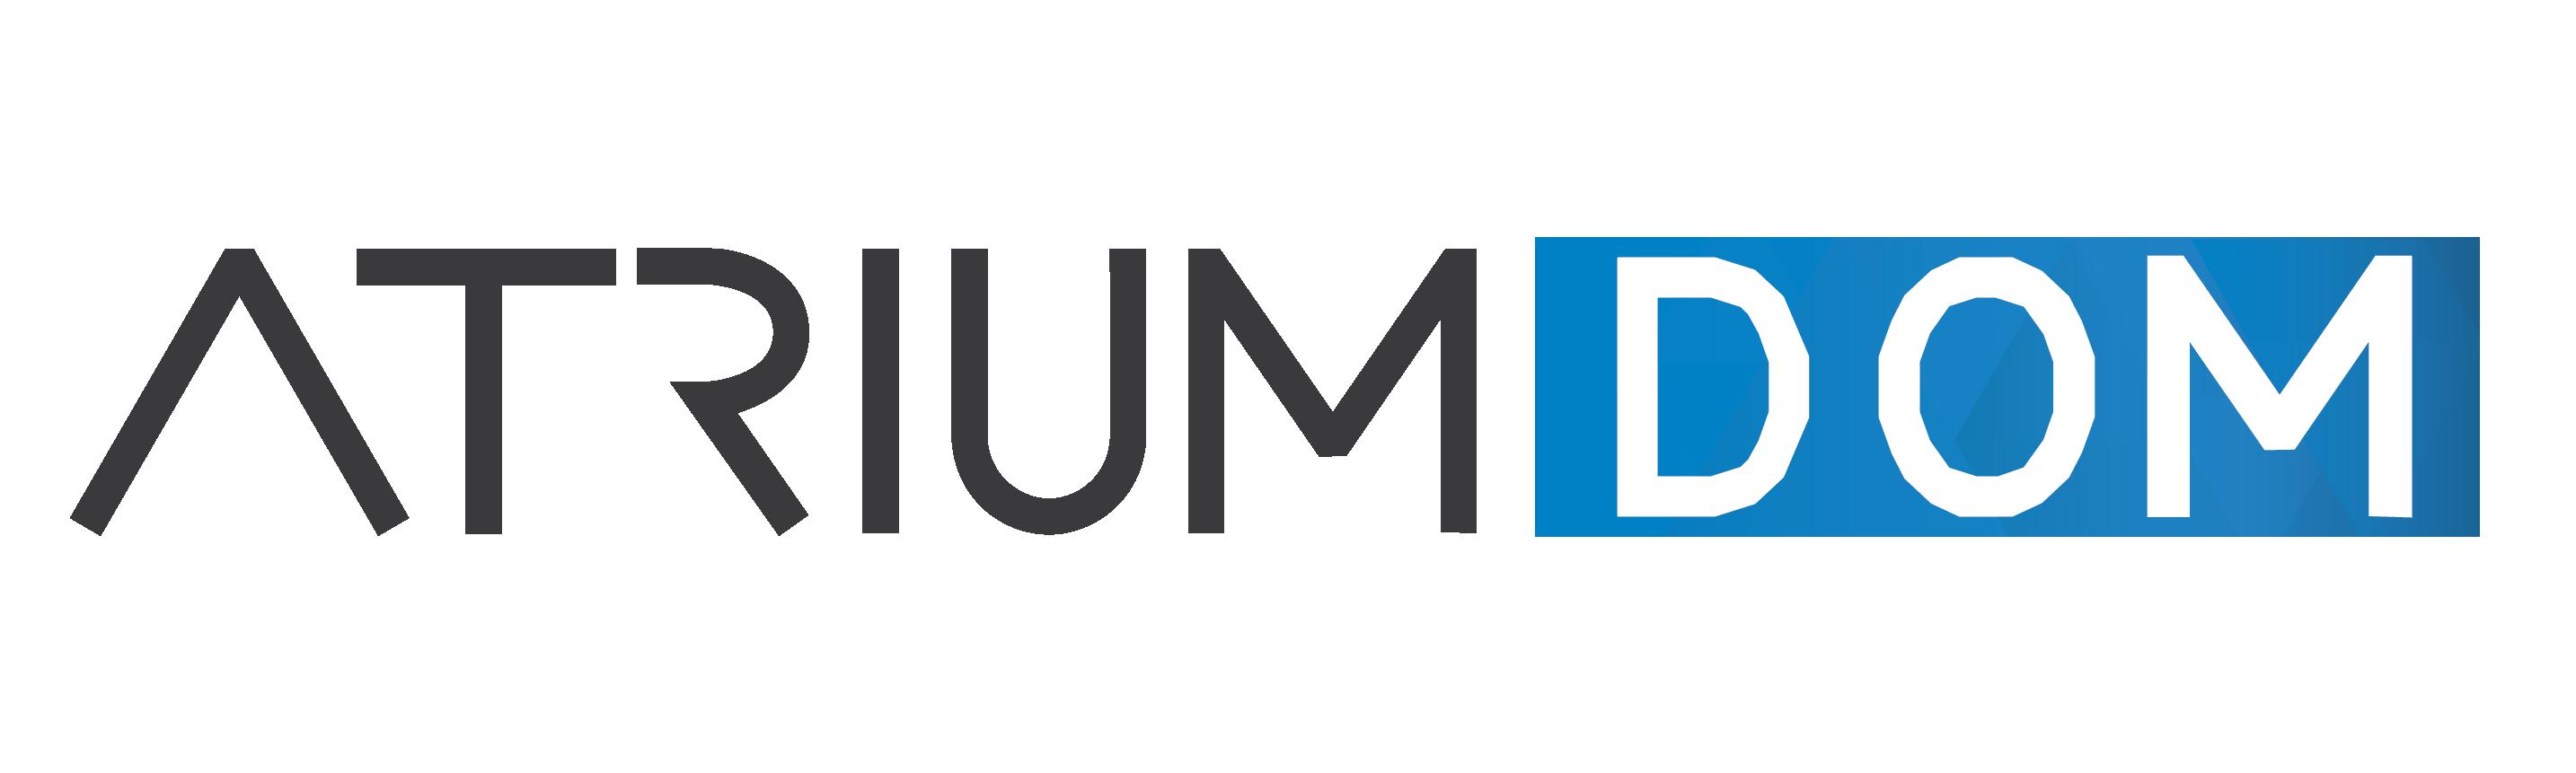 Atrium Dom logo